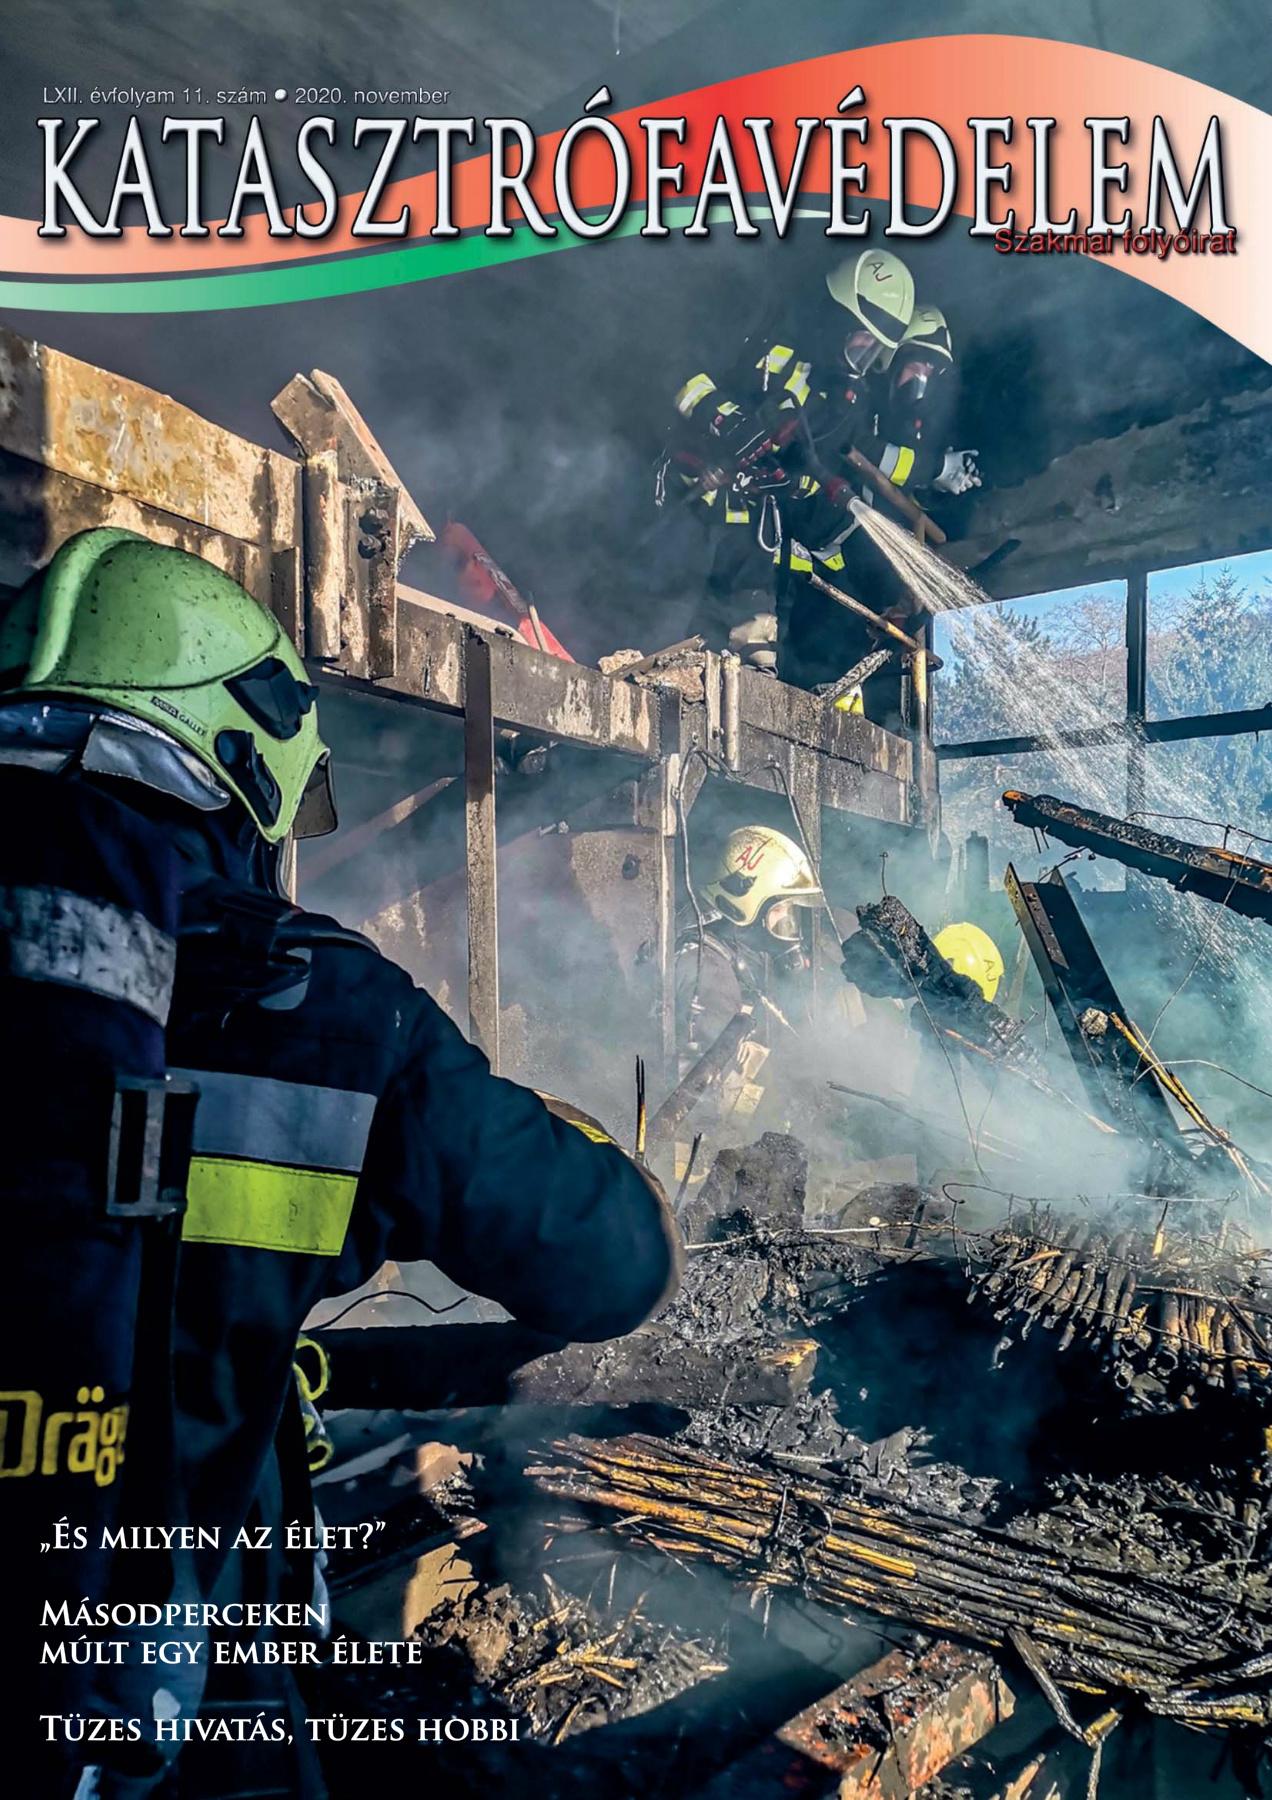 A Katasztrófavédelem magazin LXII. évfolyam 11. szám megtekintése